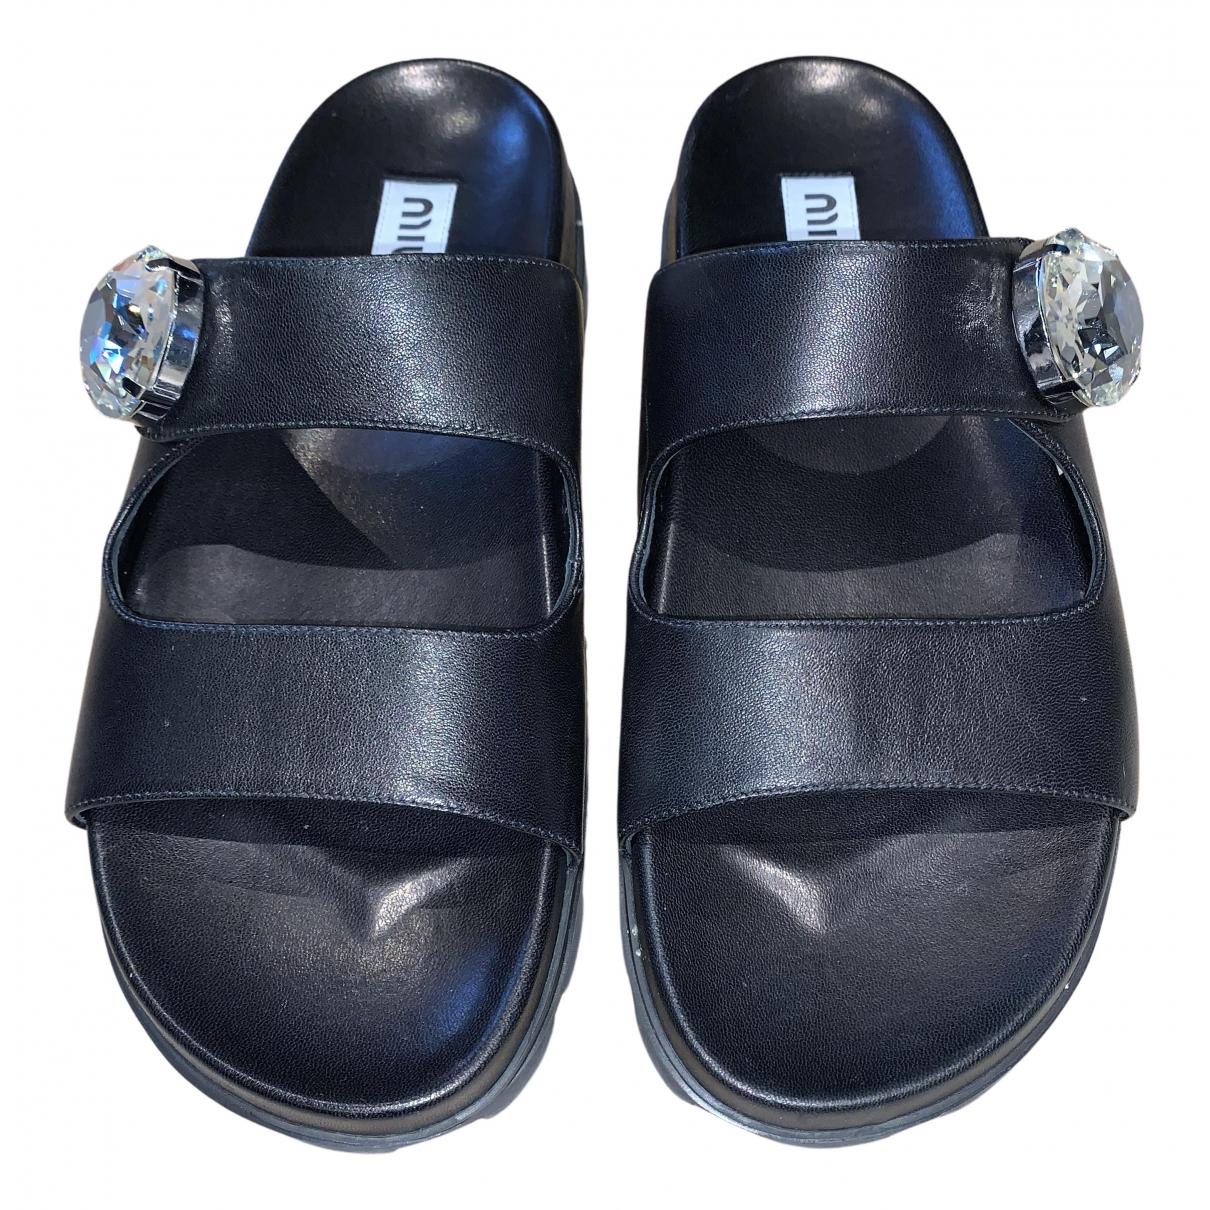 Miu Miu N Black Leather Sandals for Women 38 EU